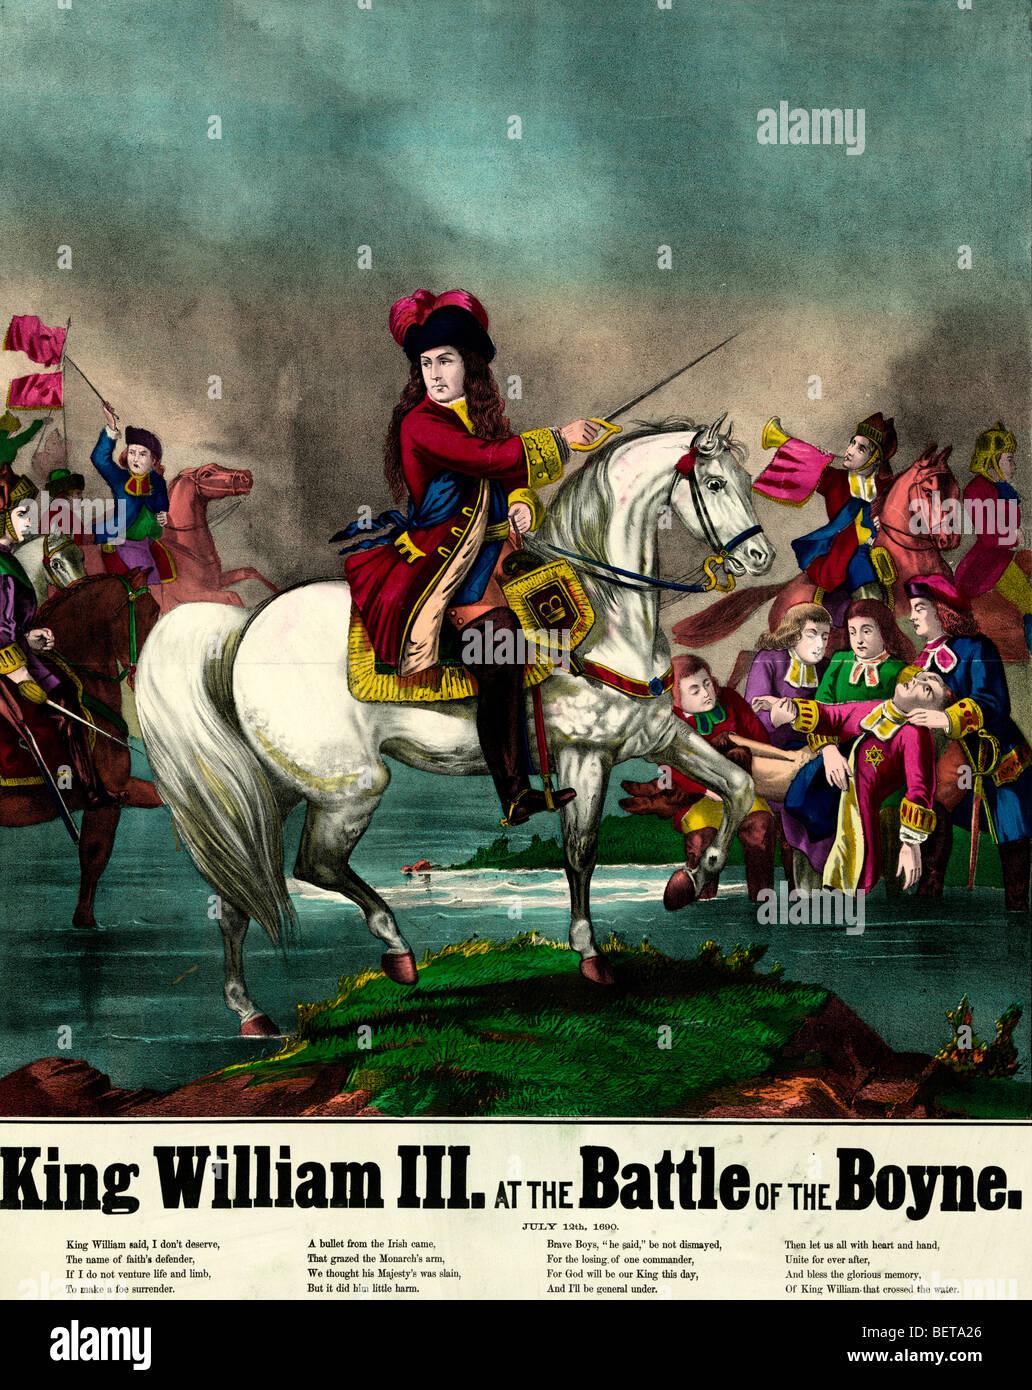 Re Guglielmo III presso il Centro Visitatori della Battaglia del Boyne, 1 Luglio 1690 Foto Stock